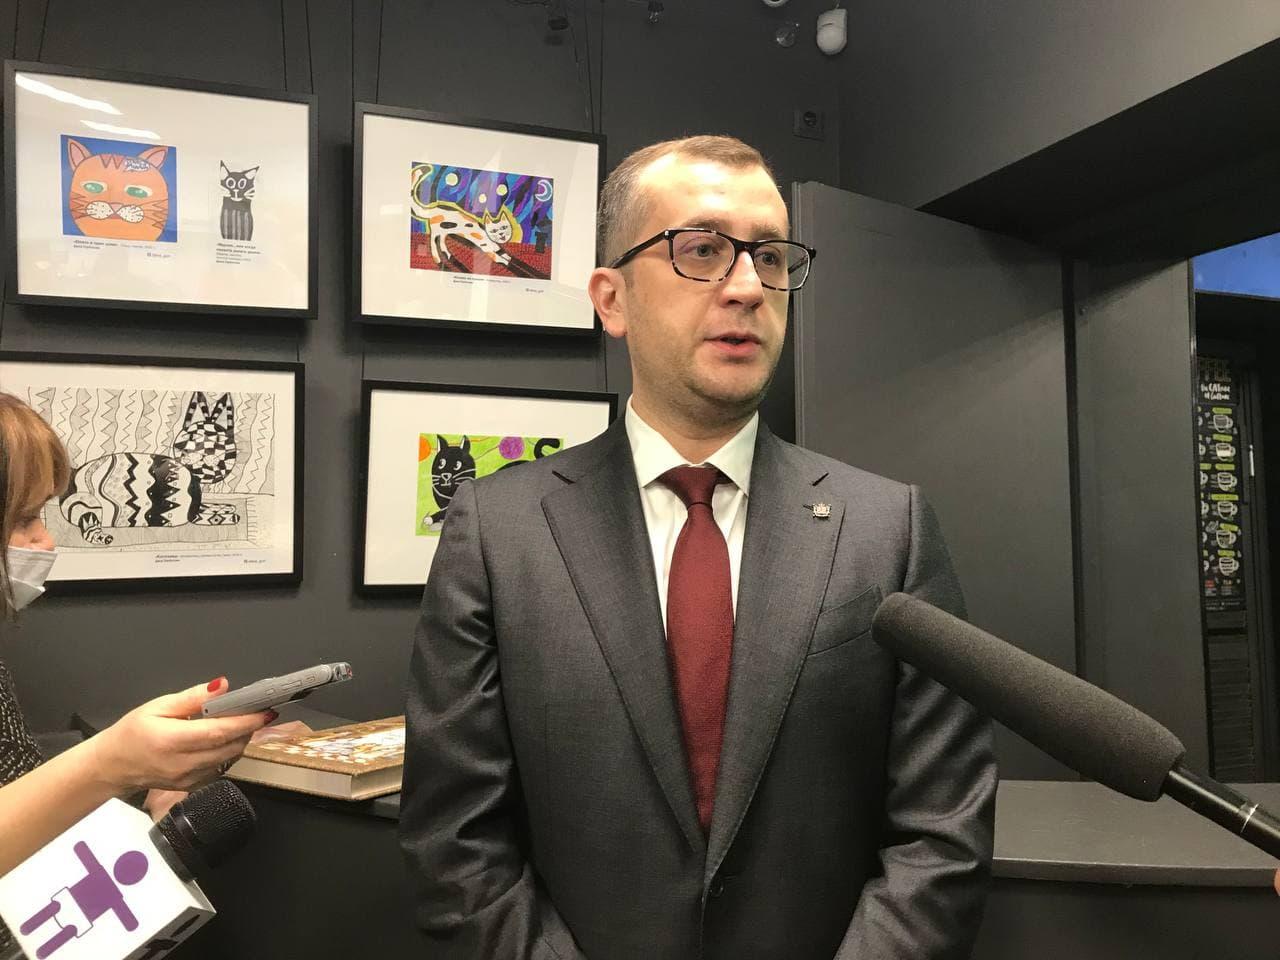 фото ЗакС политика Вице-губернатор Пиотровский: Основными проблемными точками остались ковид и возвращение к нормальной жизни